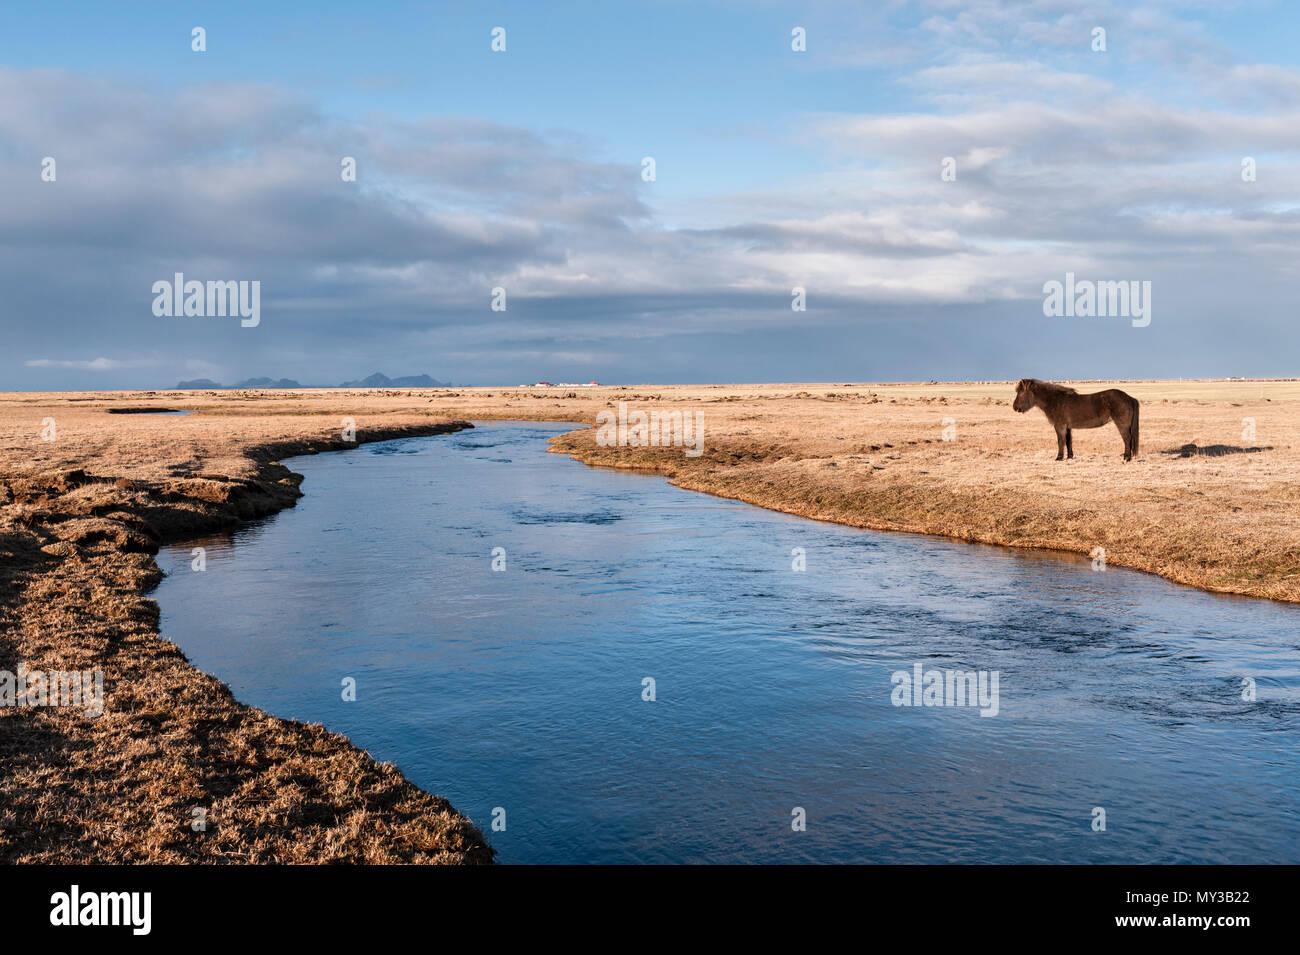 South Island. Eine isländische Pferd durch die Holtsá River, südlich des Eyjafjallajökull, am frühen Morgen von der Ringstraße gesehen Stockbild